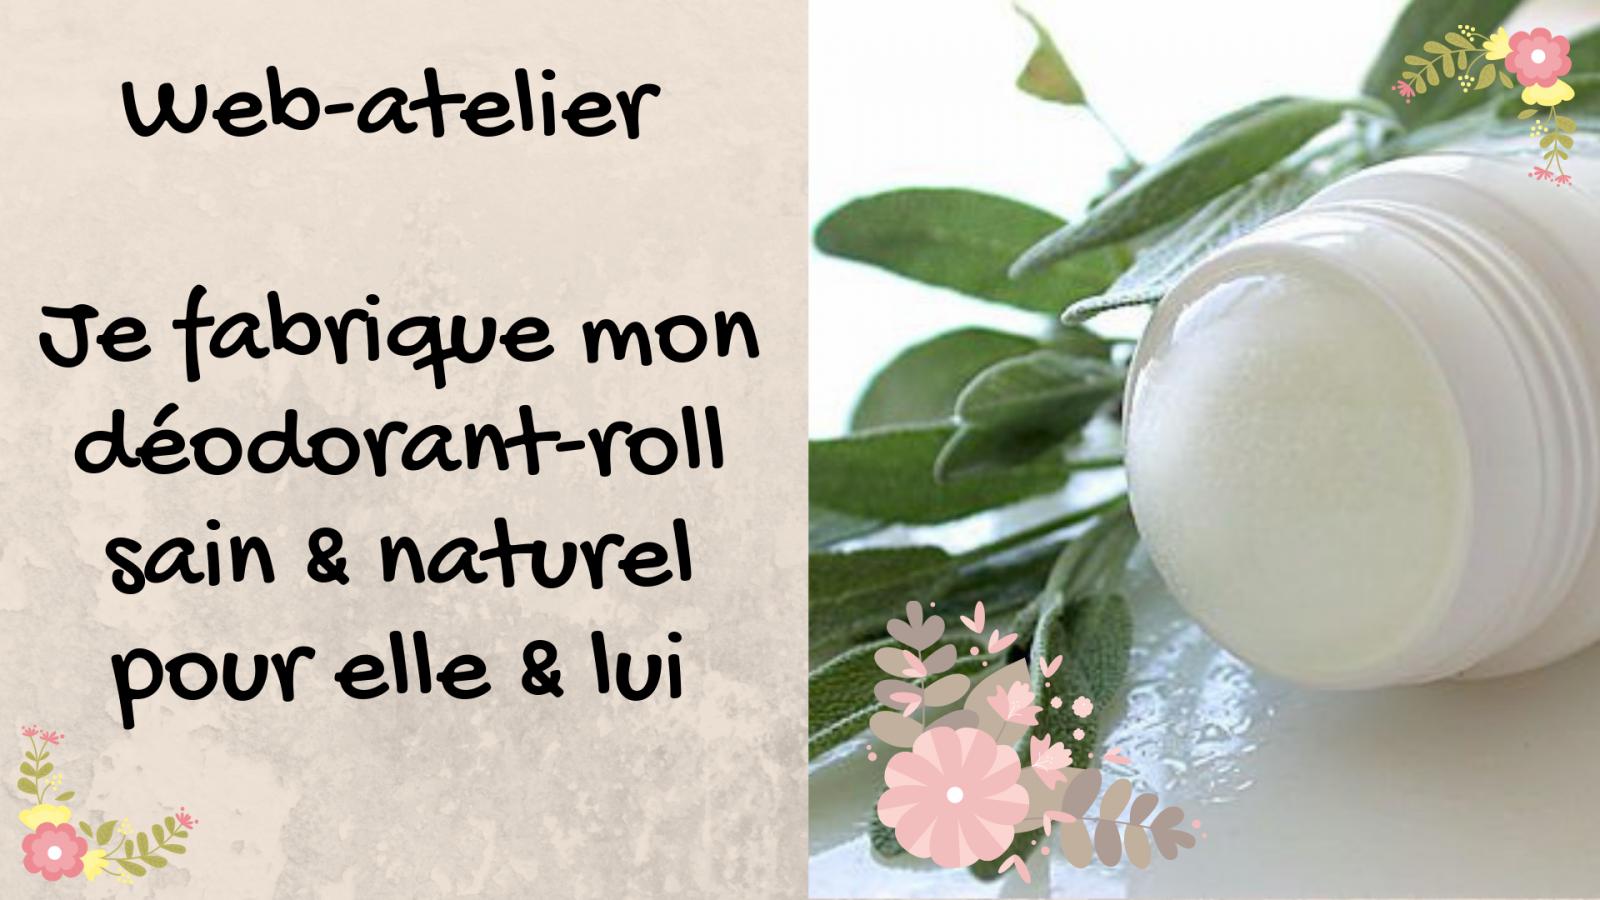 Viens apprendre à fabriquer ton déodorant-roll sain & naturel lors de mon prochain web-atelier